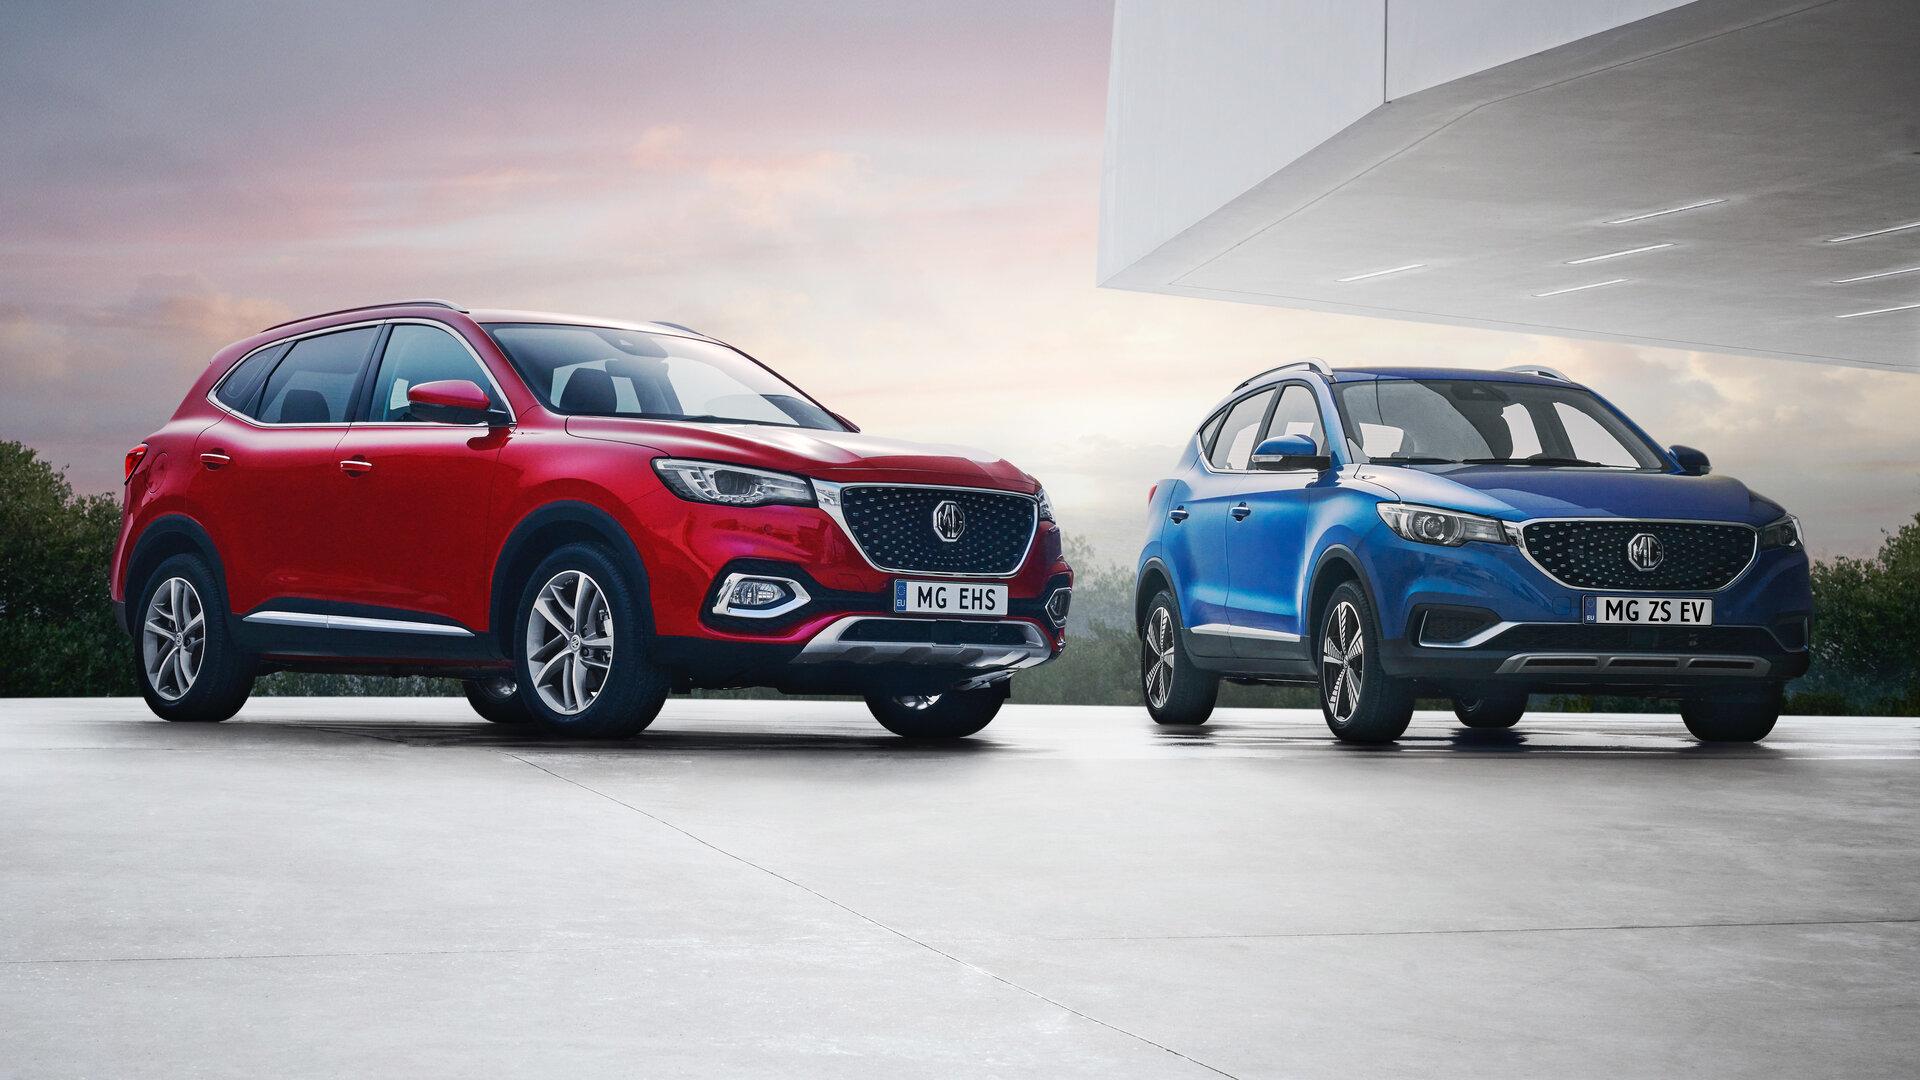 MG arranca las ventas en España en abril con el ZS EV y el EHS Plug-in Hybrid